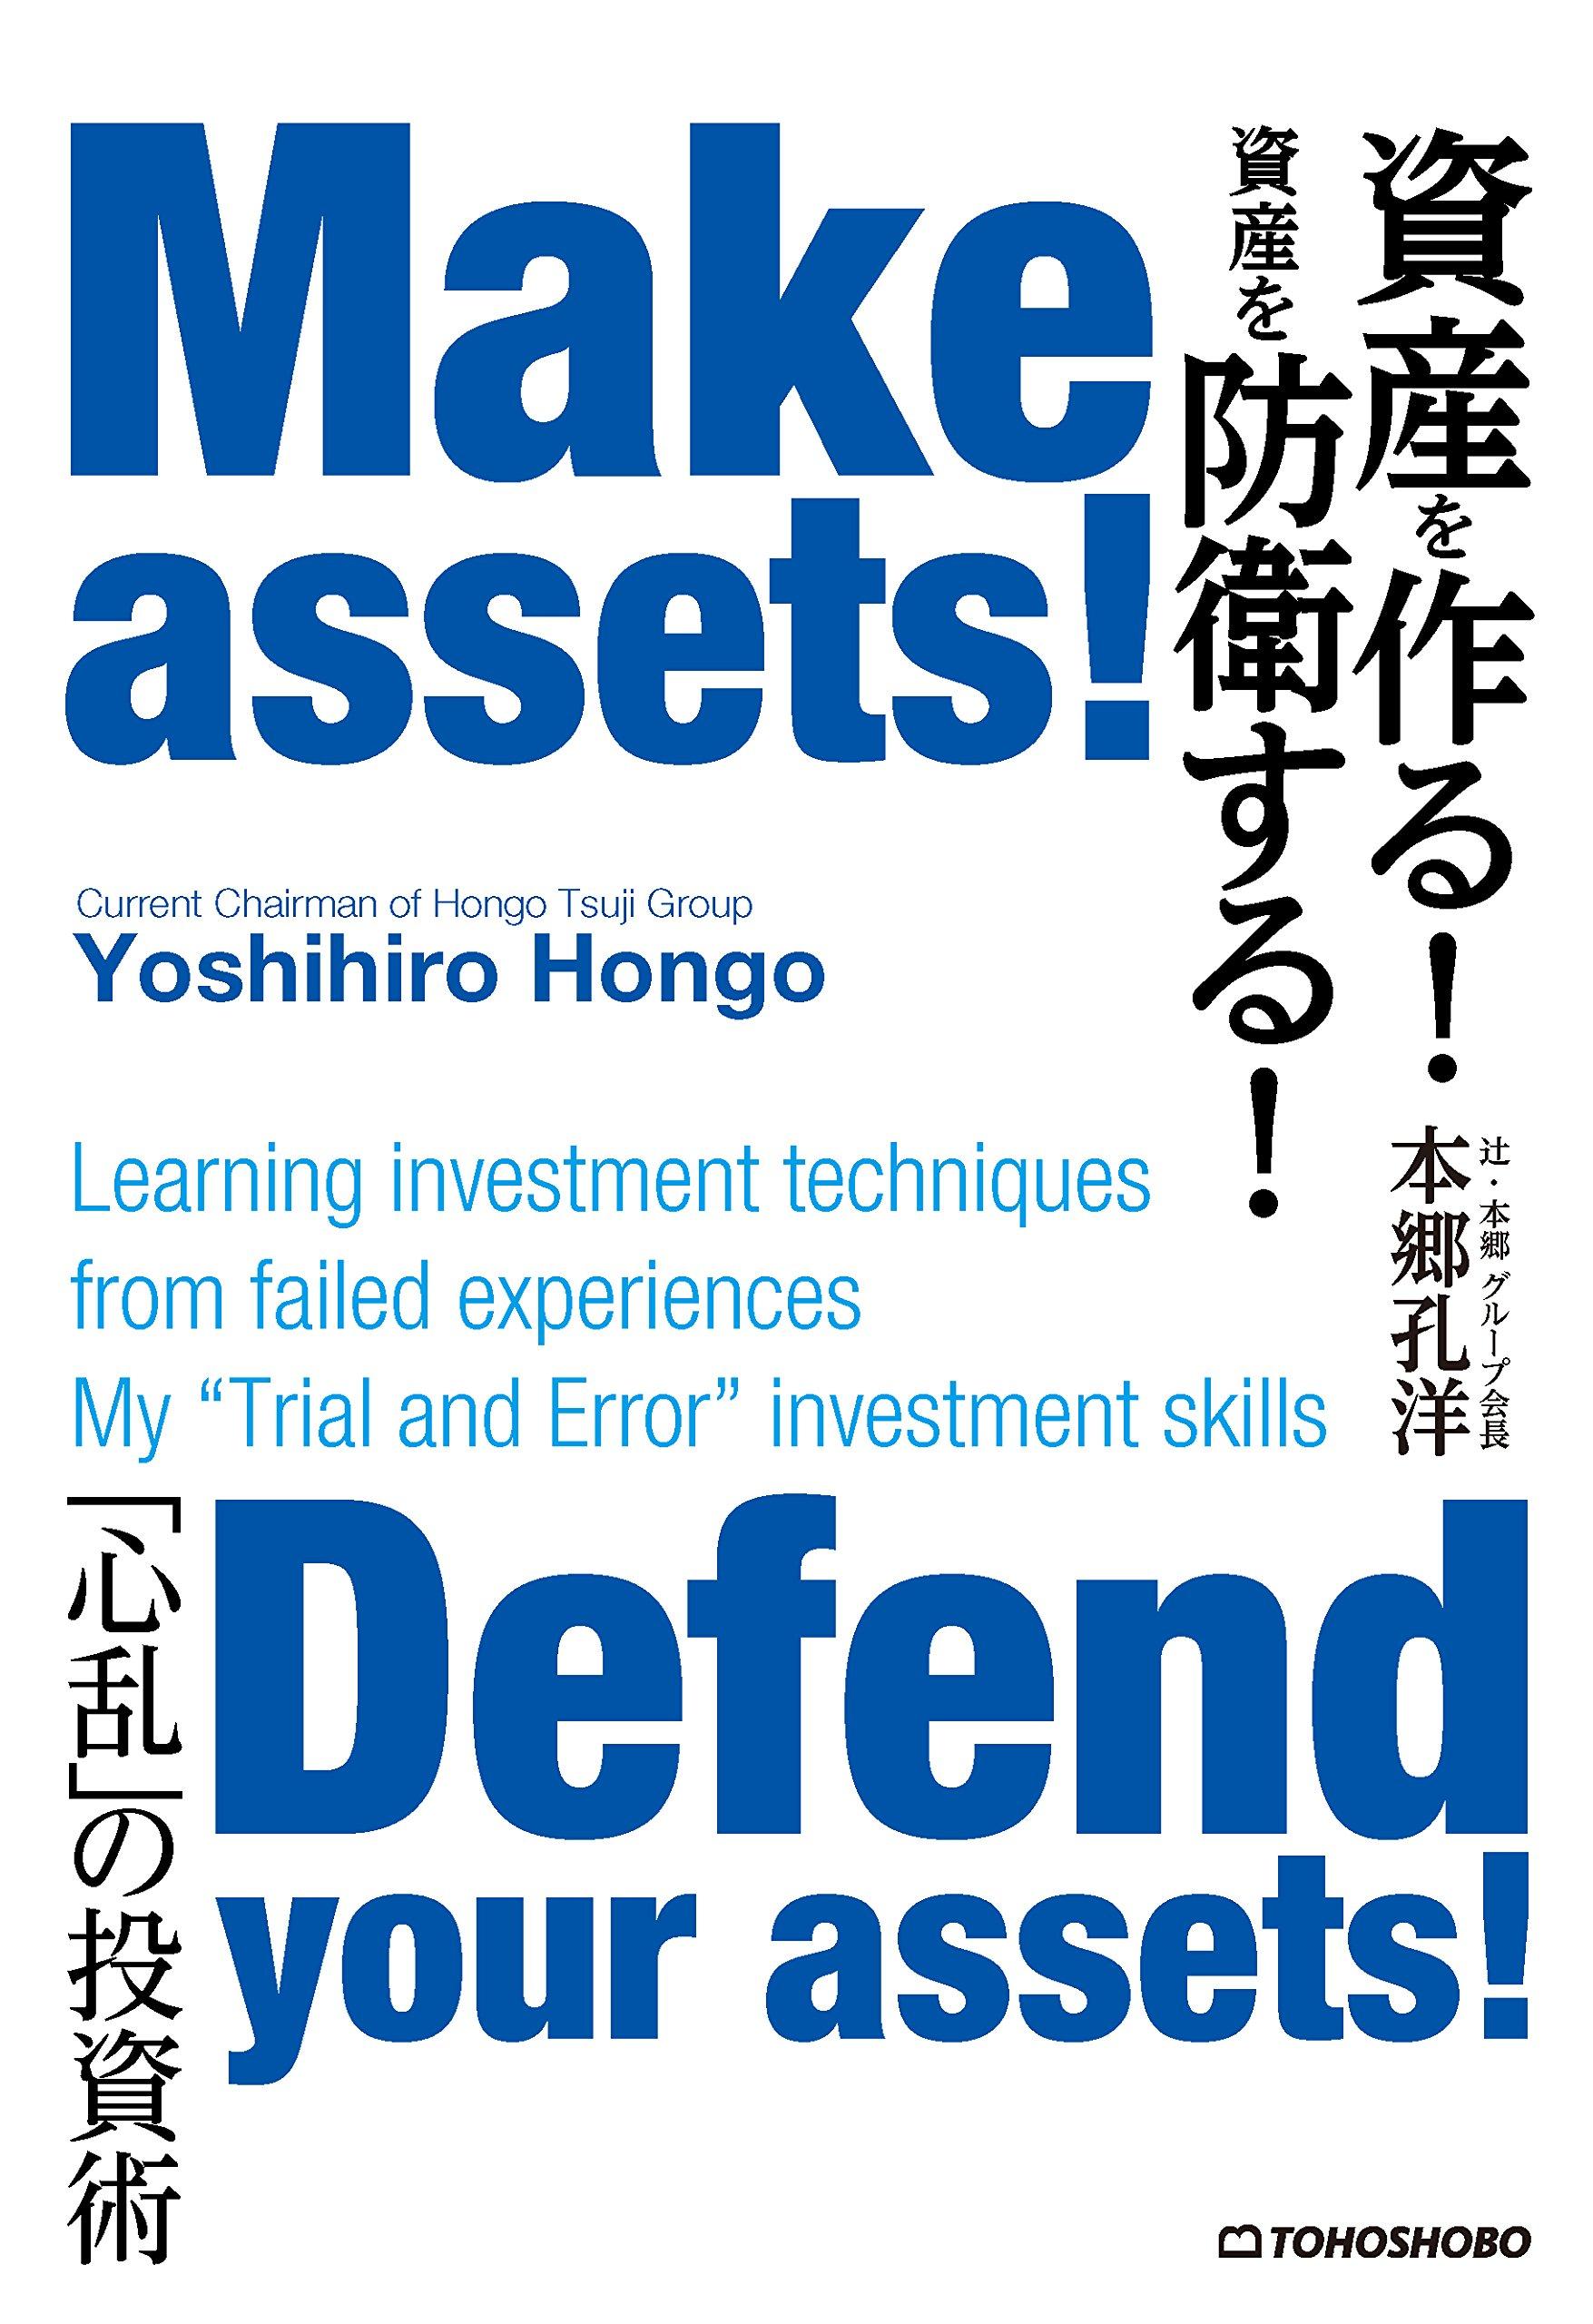 資産を作る! 資産を防衛する! Make assets! Defend your